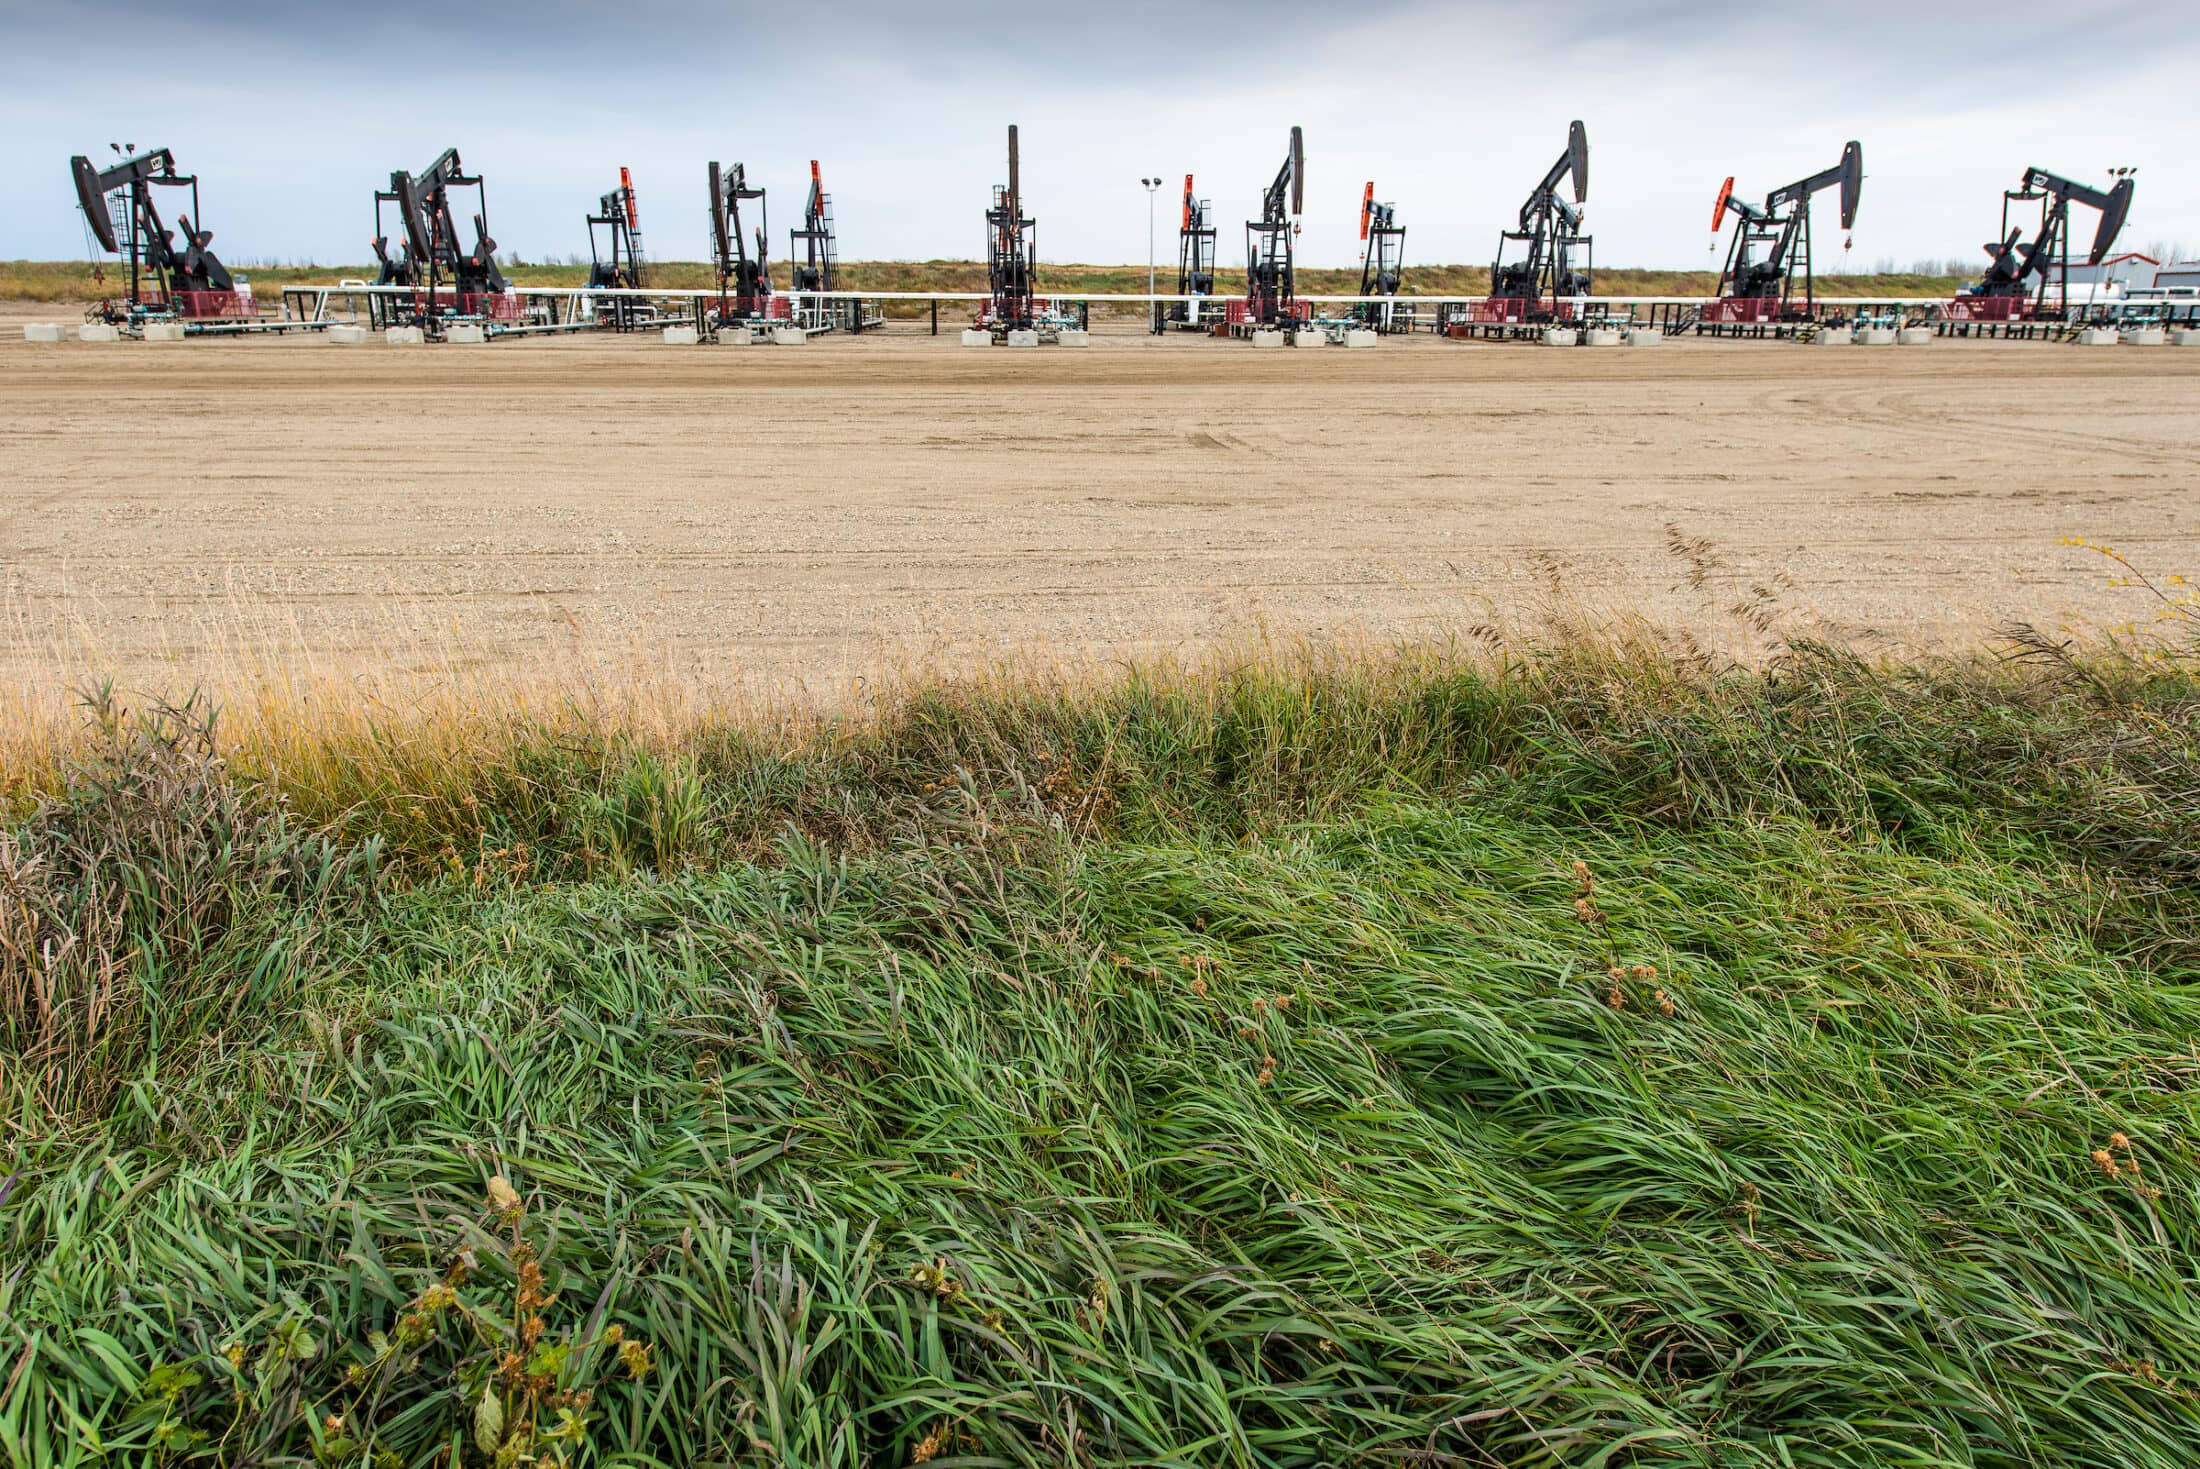 oil pumpjacks in a field